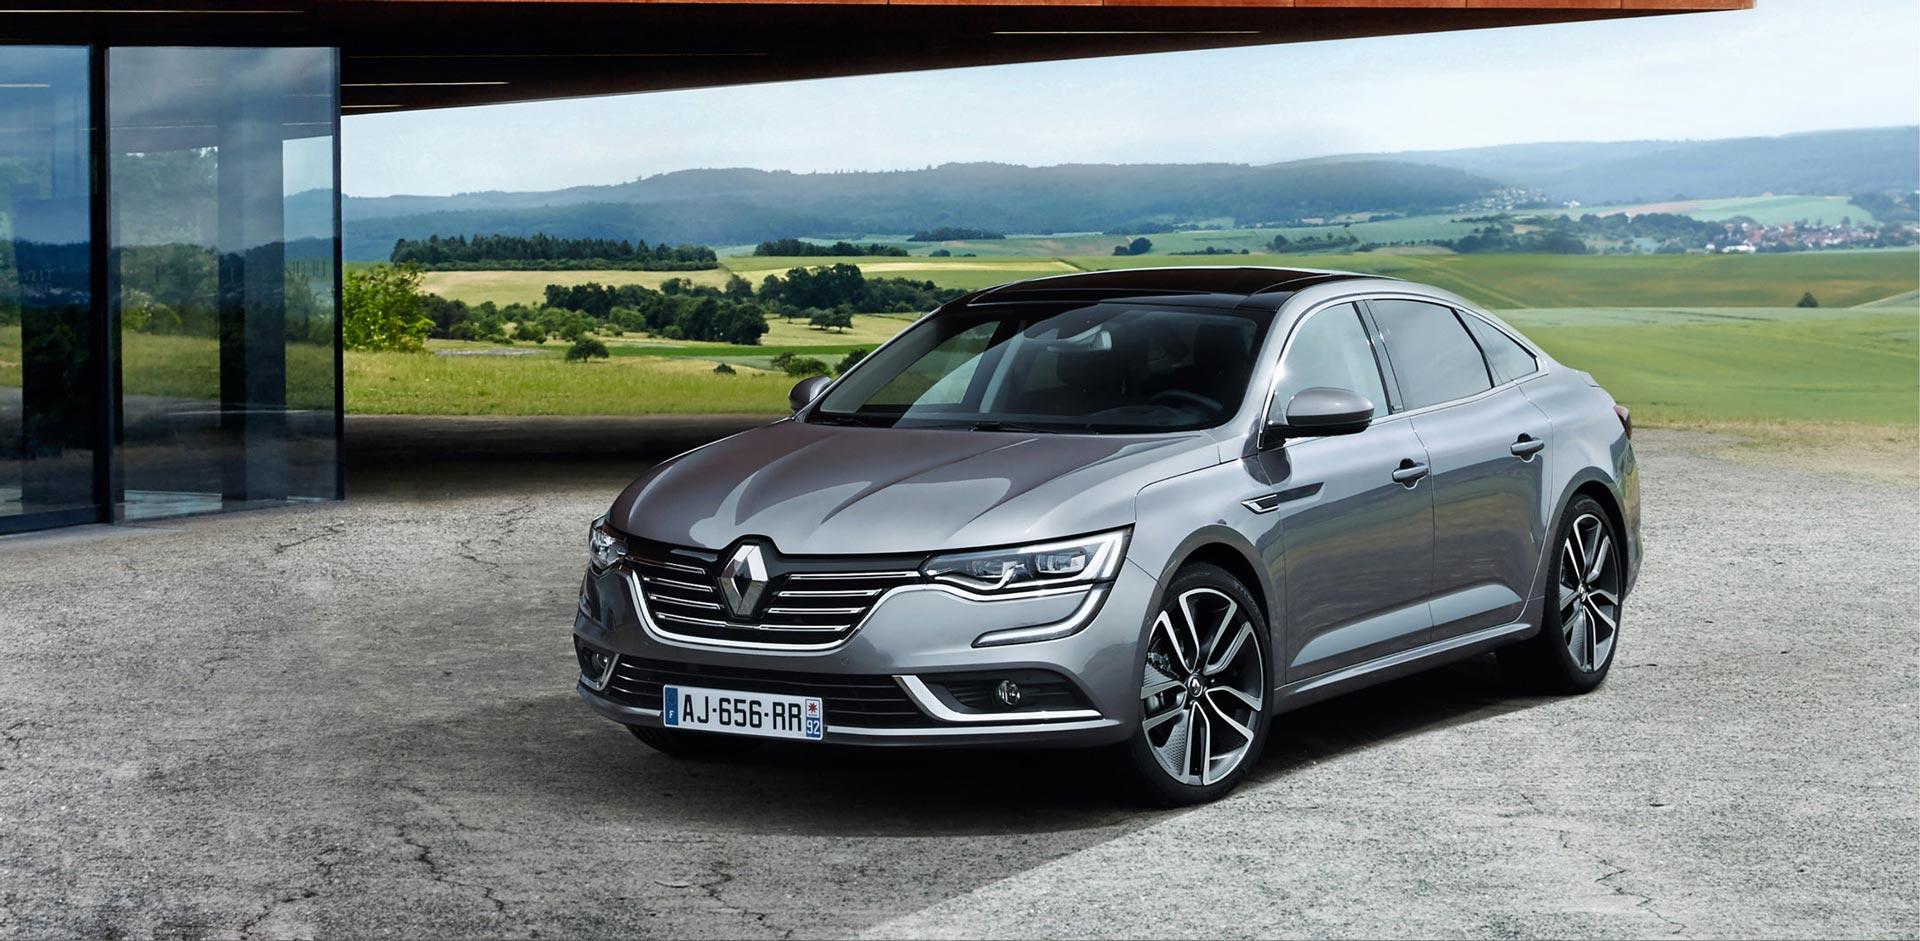 Renault predstavio svoju novu luksuznu limuzinu